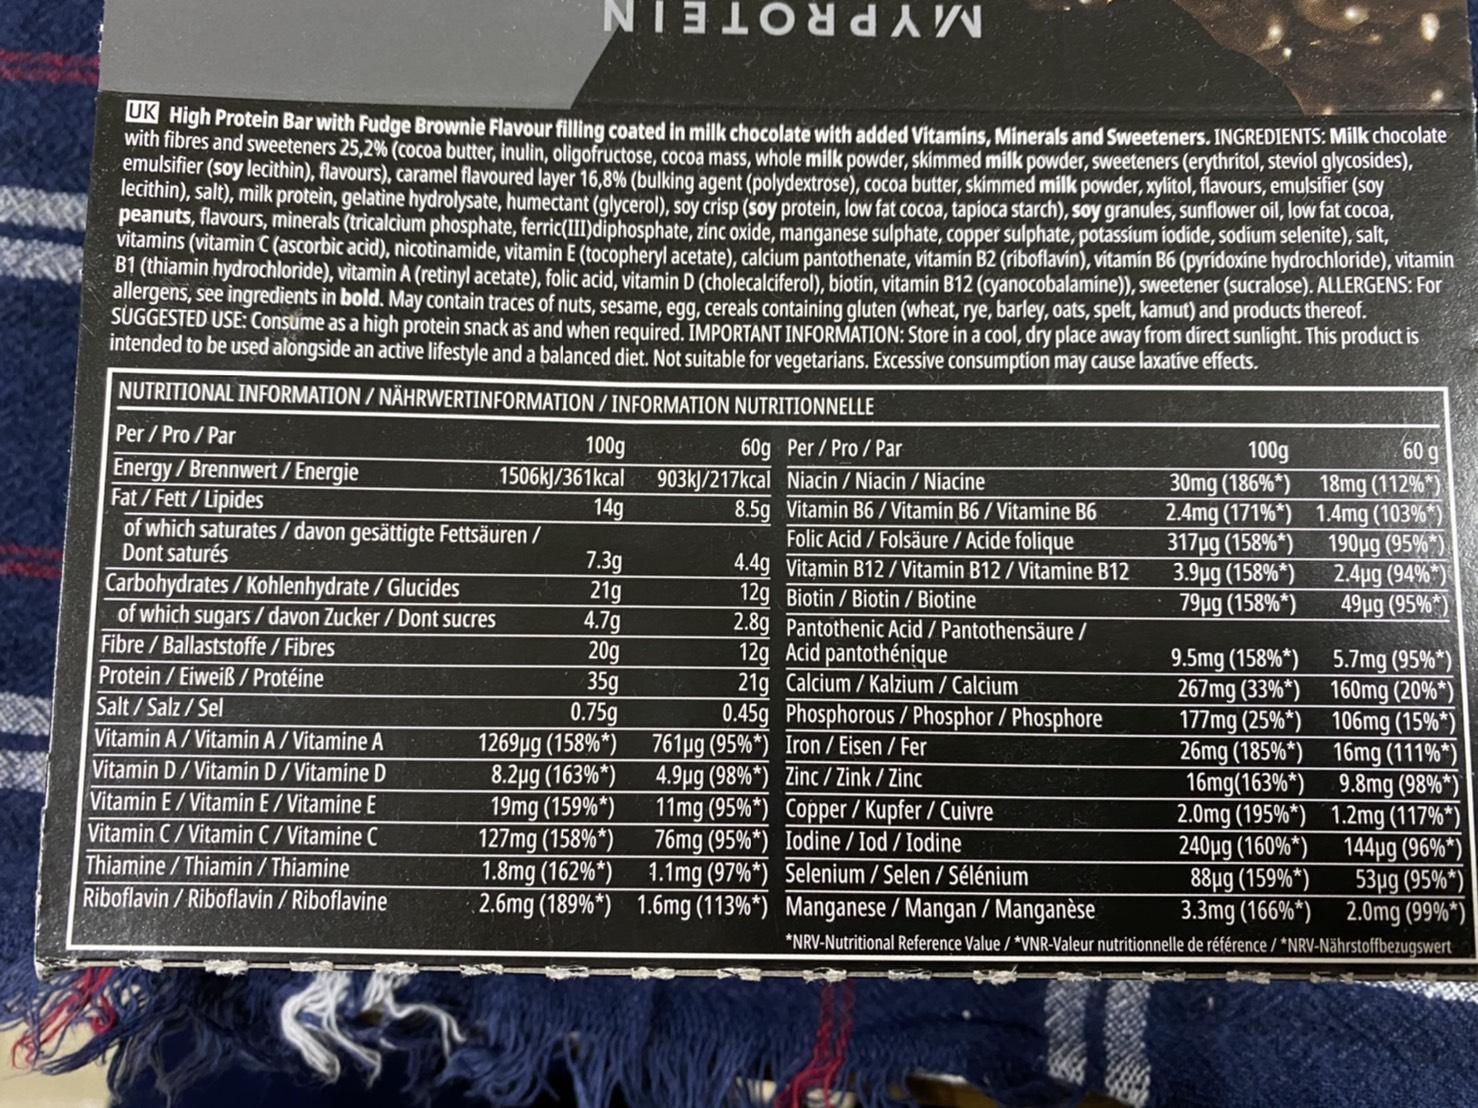 カーボクラッシャー:ファッジブラウニー味の成分表